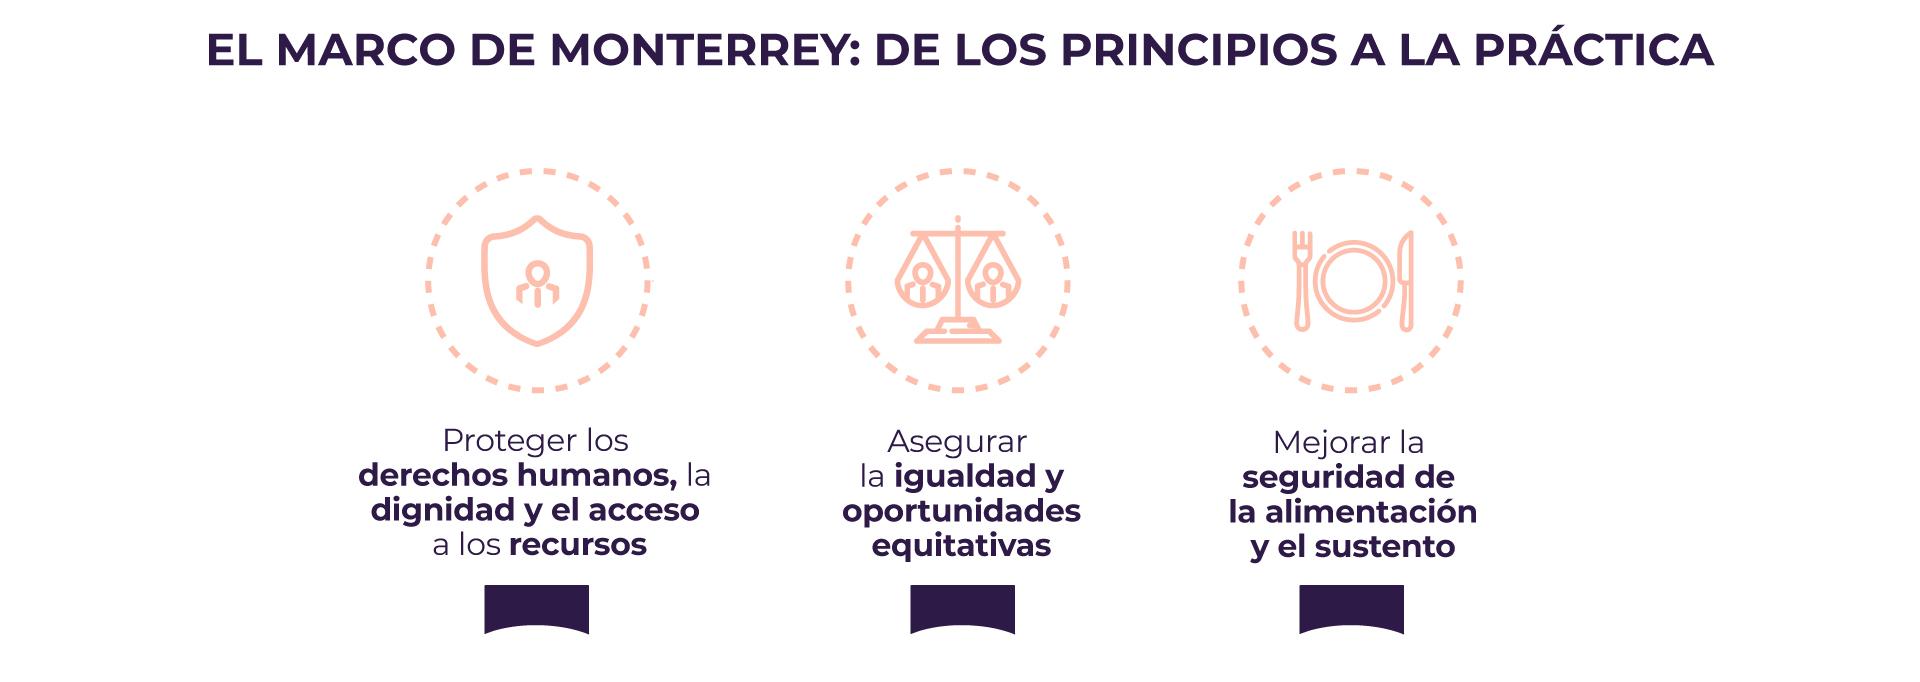 Marco de Monterrey